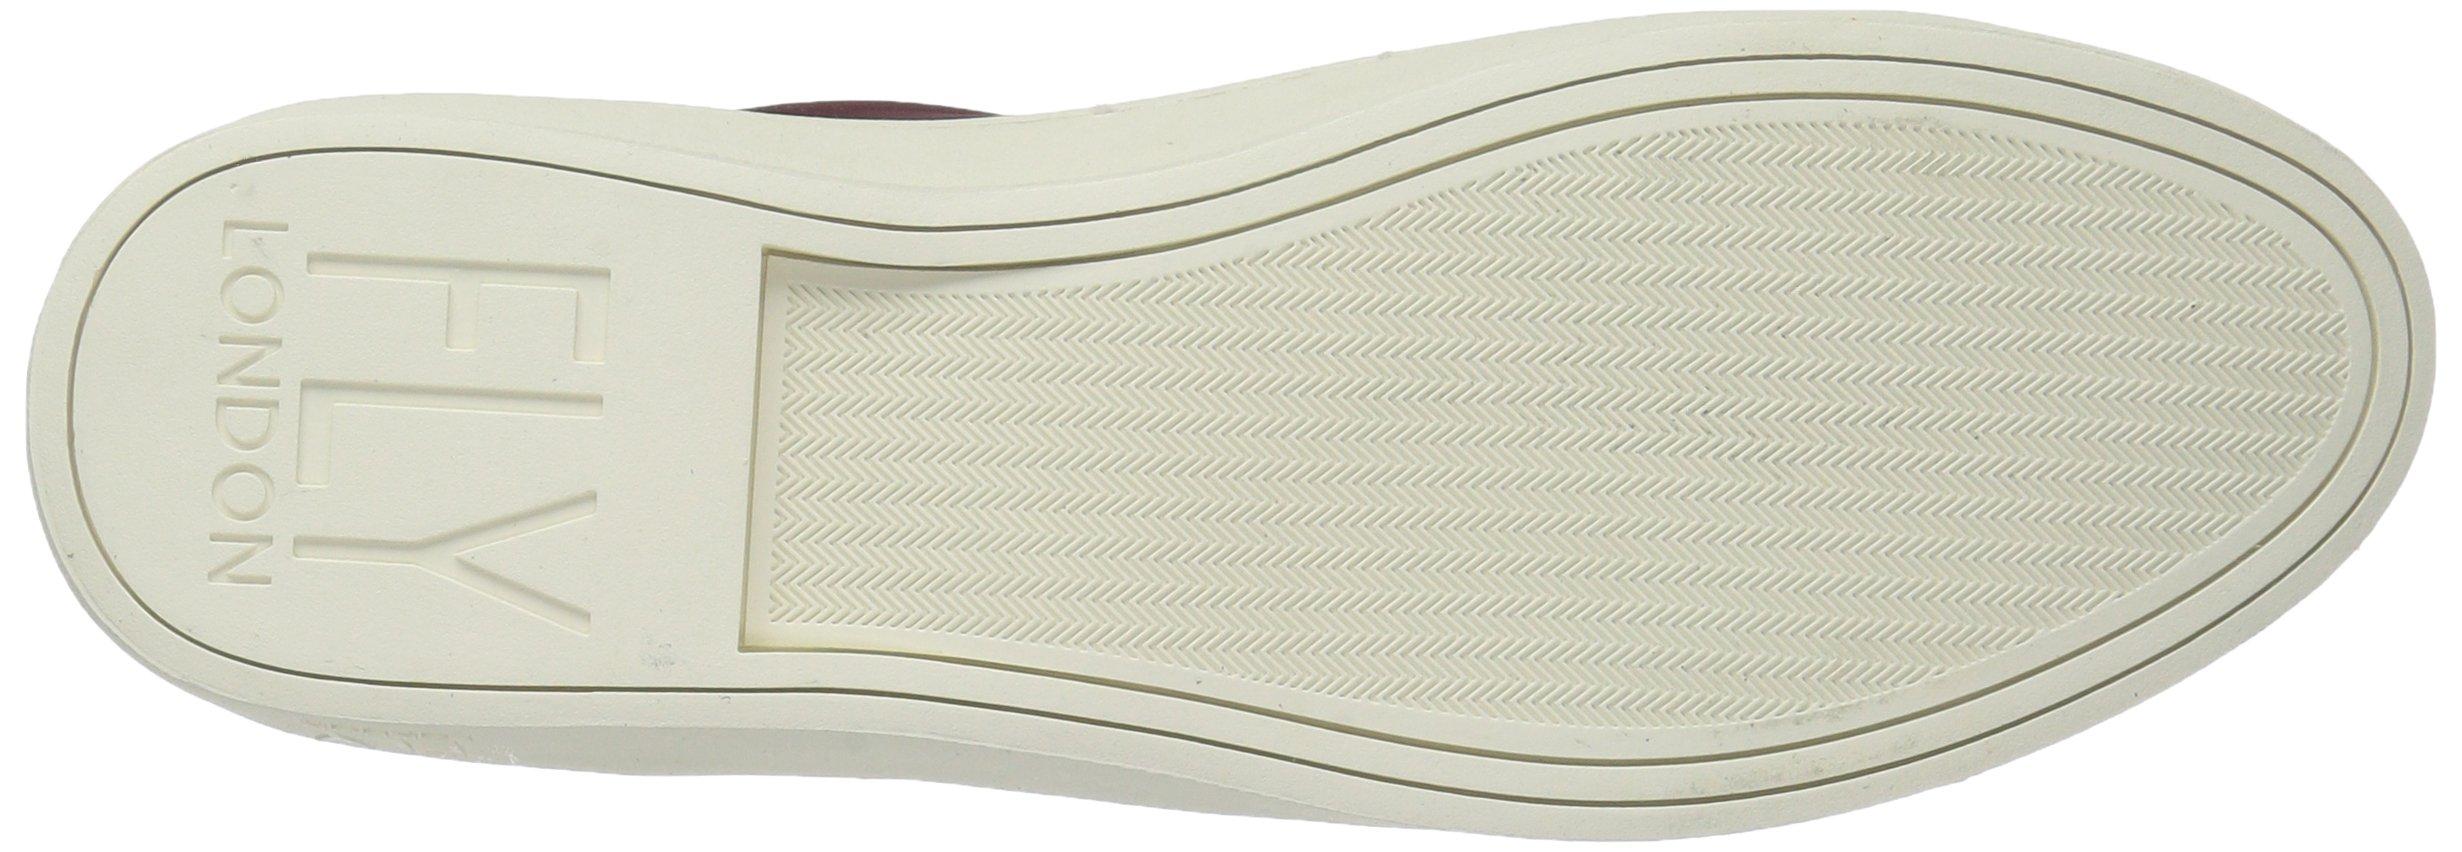 FLY London Women's MACO833FLY Sneaker, Bordeaux/Black Nubuck/Patent, 37 M EU (6.5-7 US) by FLY London (Image #3)